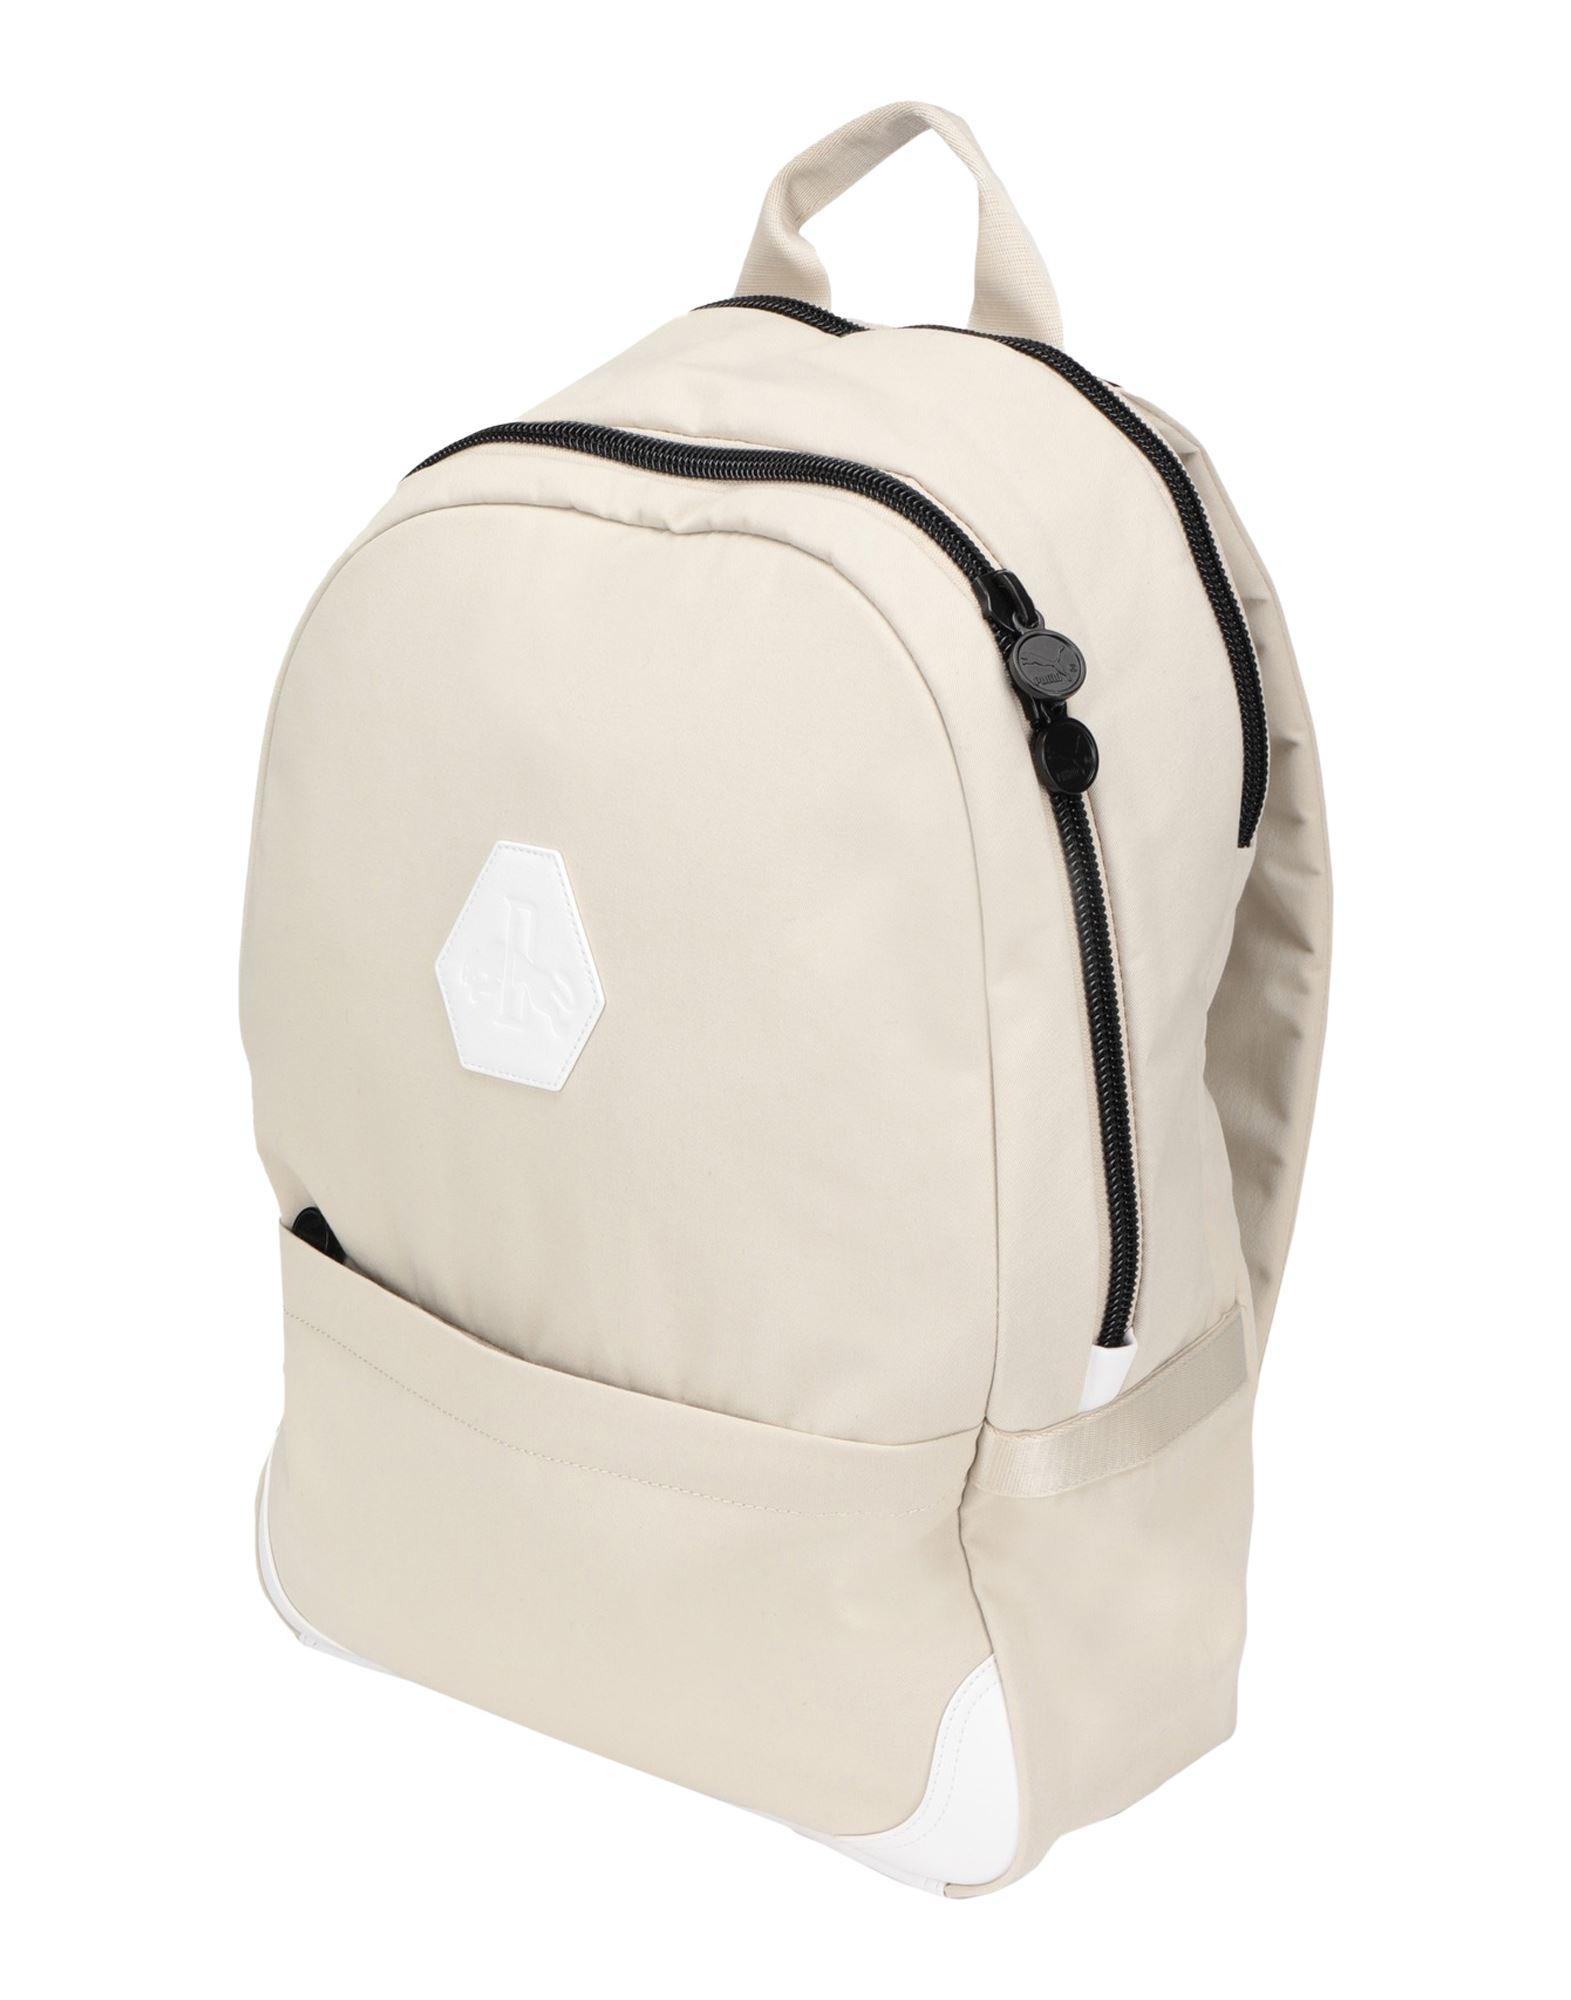 PUMA RUDOLF D SCHUHFABRIK Рюкзаки и сумки на пояс пояс d